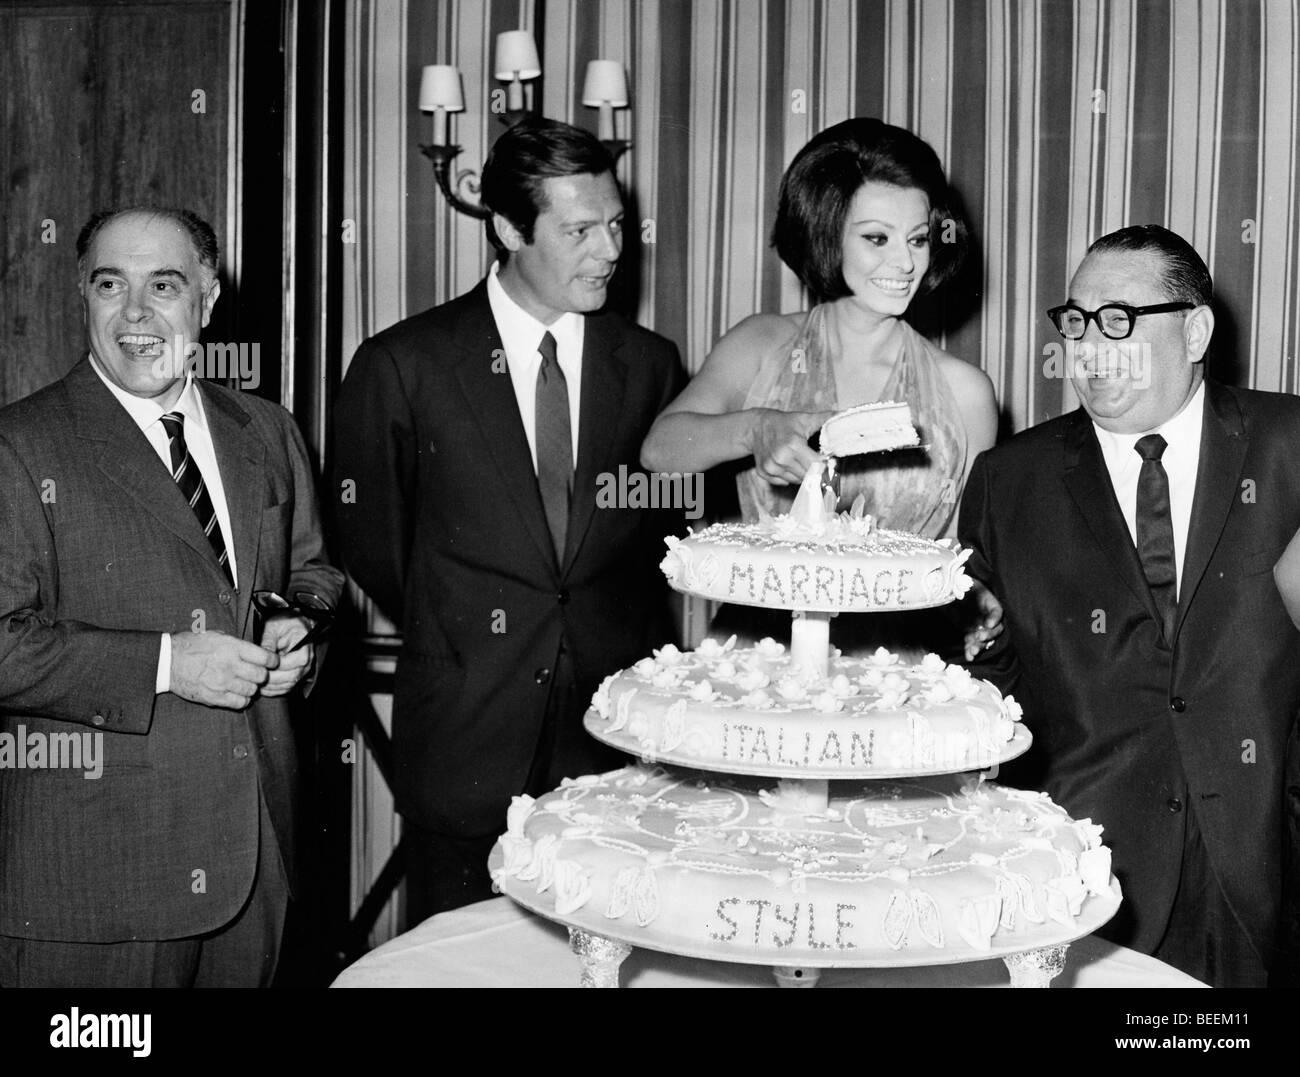 Actress Sophia Loren with Marcello Mastroianni and Joseph E Levine